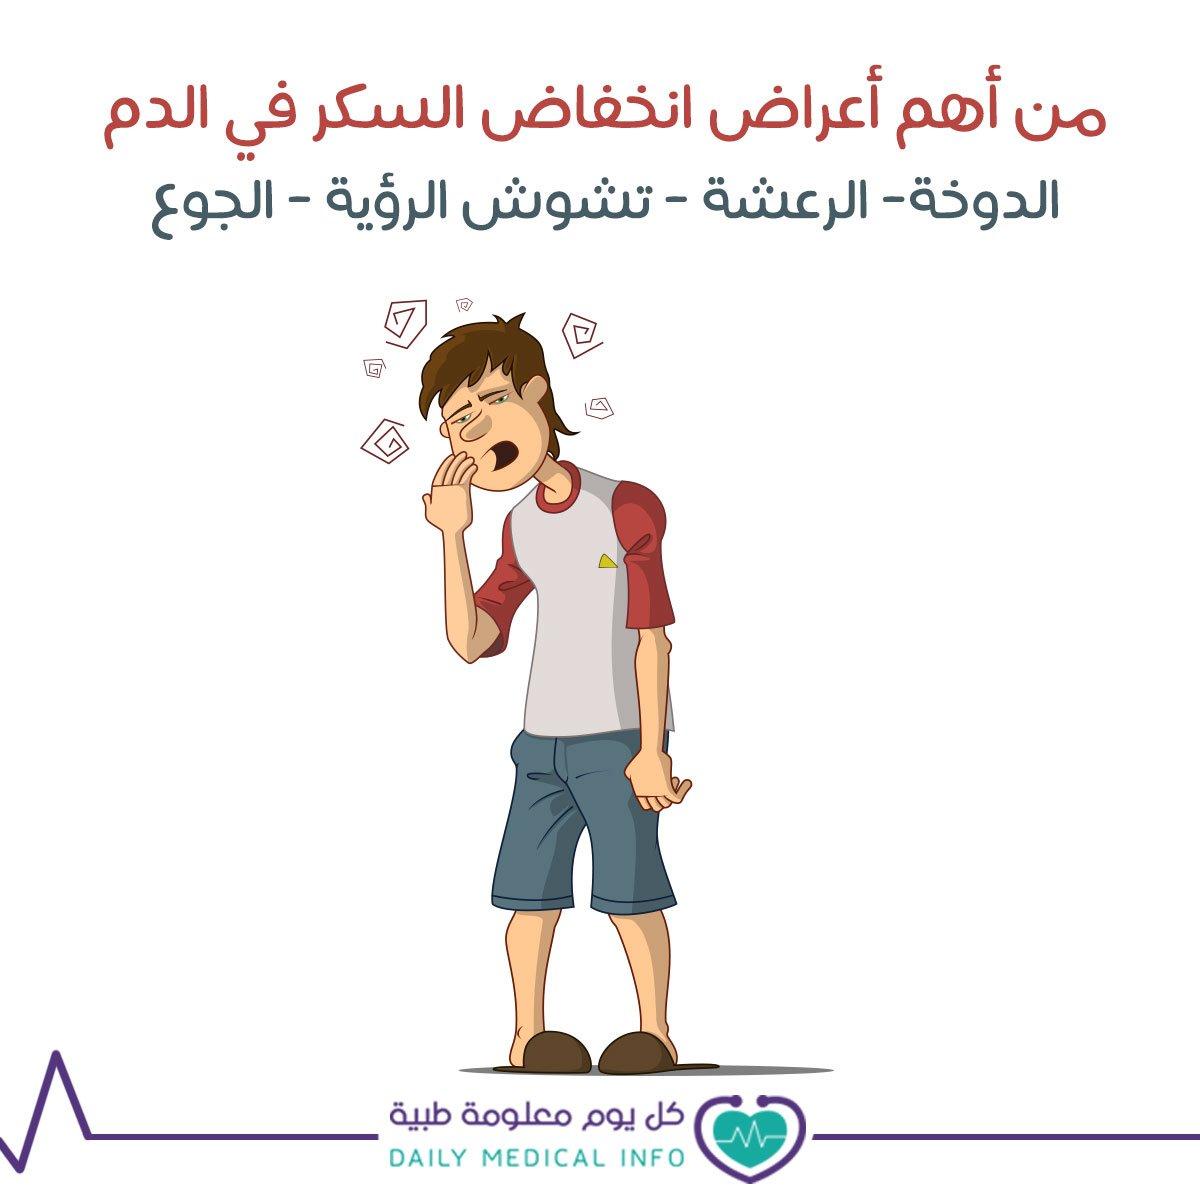 تتآكل الكراك لذيذ اعراض هبوط الضغط والسكر Sjvbca Org